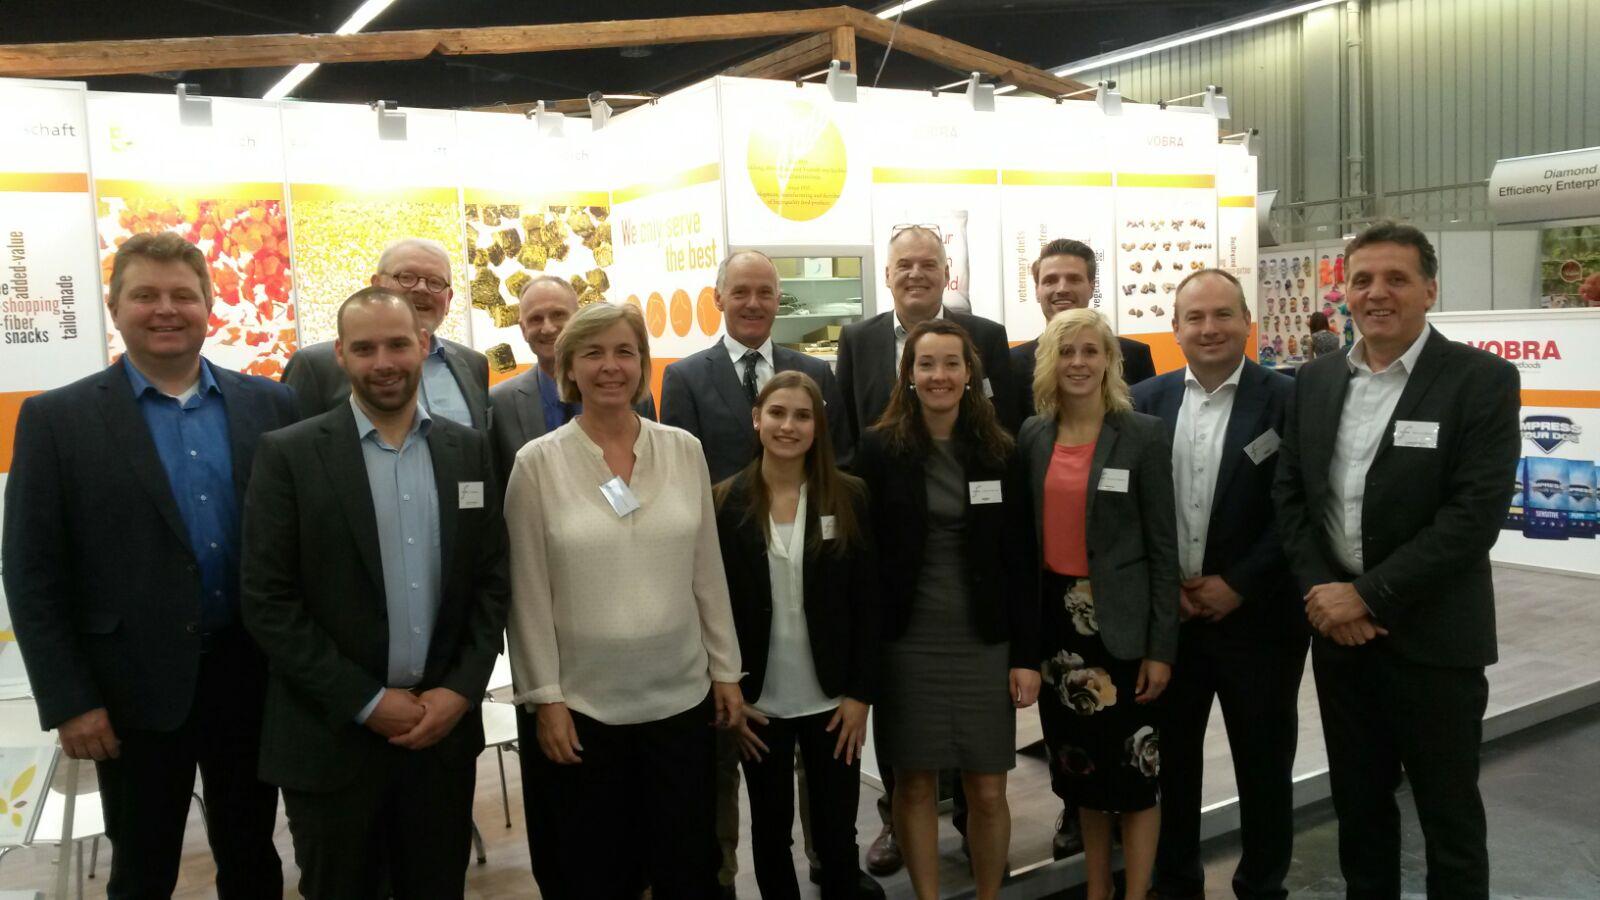 Team Fihumin bedankt sich bei allen Besuchern der Interzoo 2016